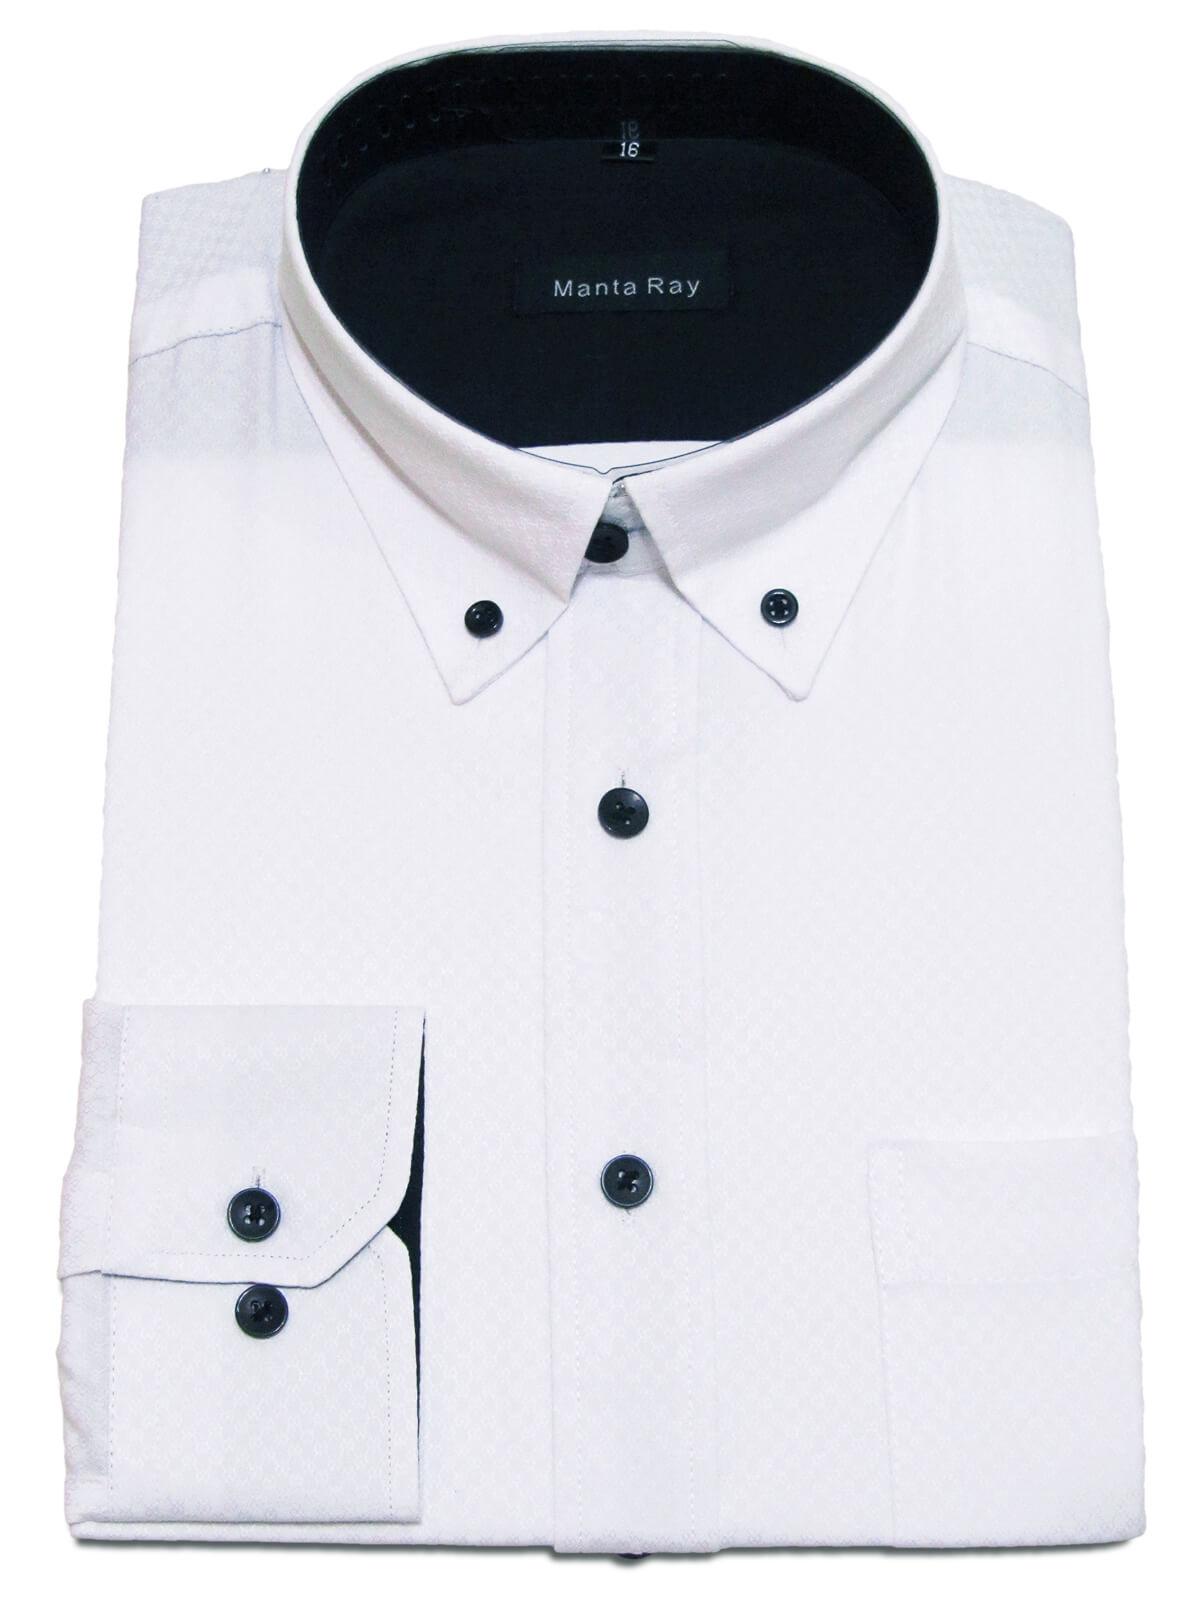 sun-e333加大尺碼長袖格紋襯衫、上班族襯衫、標準襯衫、商務襯衫、正式場合襯衫、棉成分高舒適透氣襯衫、不皺免燙襯衫、白色格紋襯衫(333-A8209-1)淺粉格紋襯衫(333-A8209-2)紫色格紋襯衫(333-A8209-8)藍色格紋襯衫(333-A8207-7) 領圍:14 14.5 15 15.5 16 16.5 17.5 18.5 19.5 限時優惠任2件1000元又免運 2